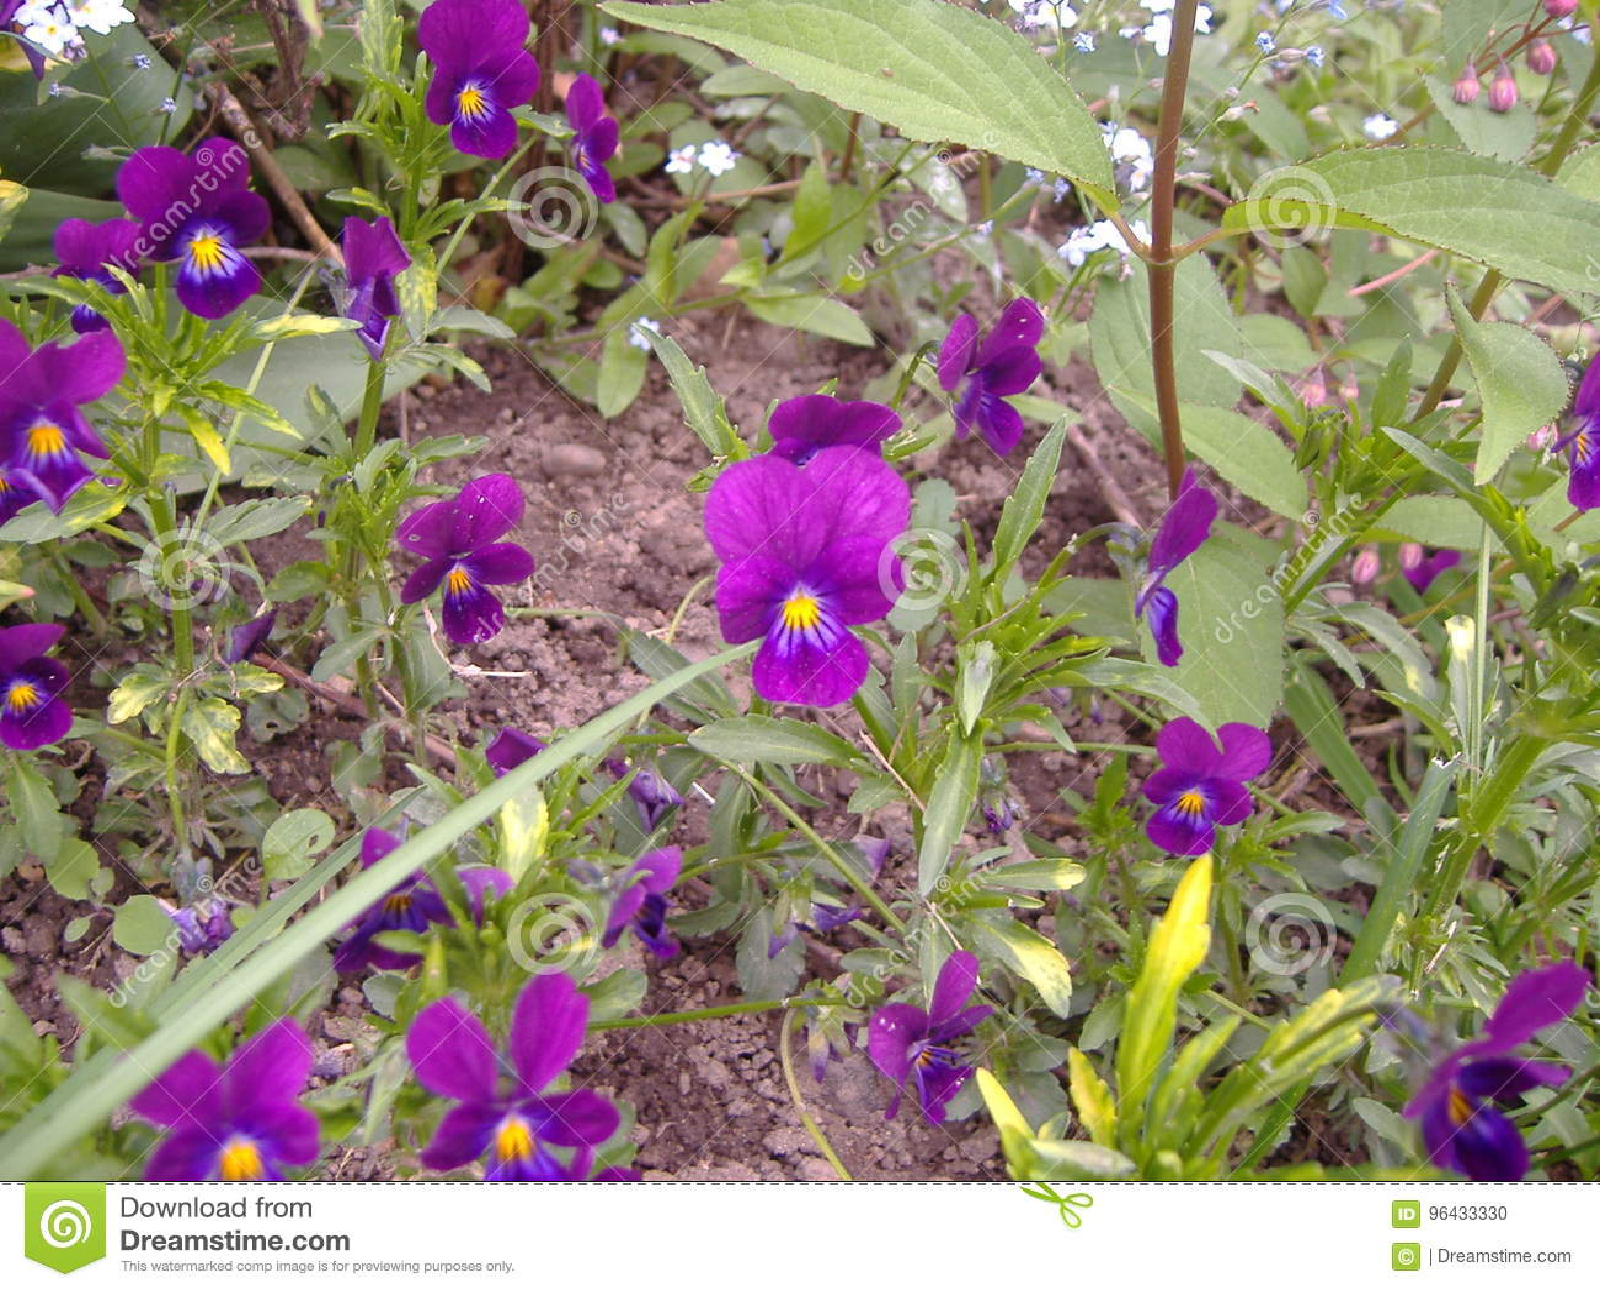 Petites Jacinthe En Fleur Flower Stock Photo Image Of Printemps